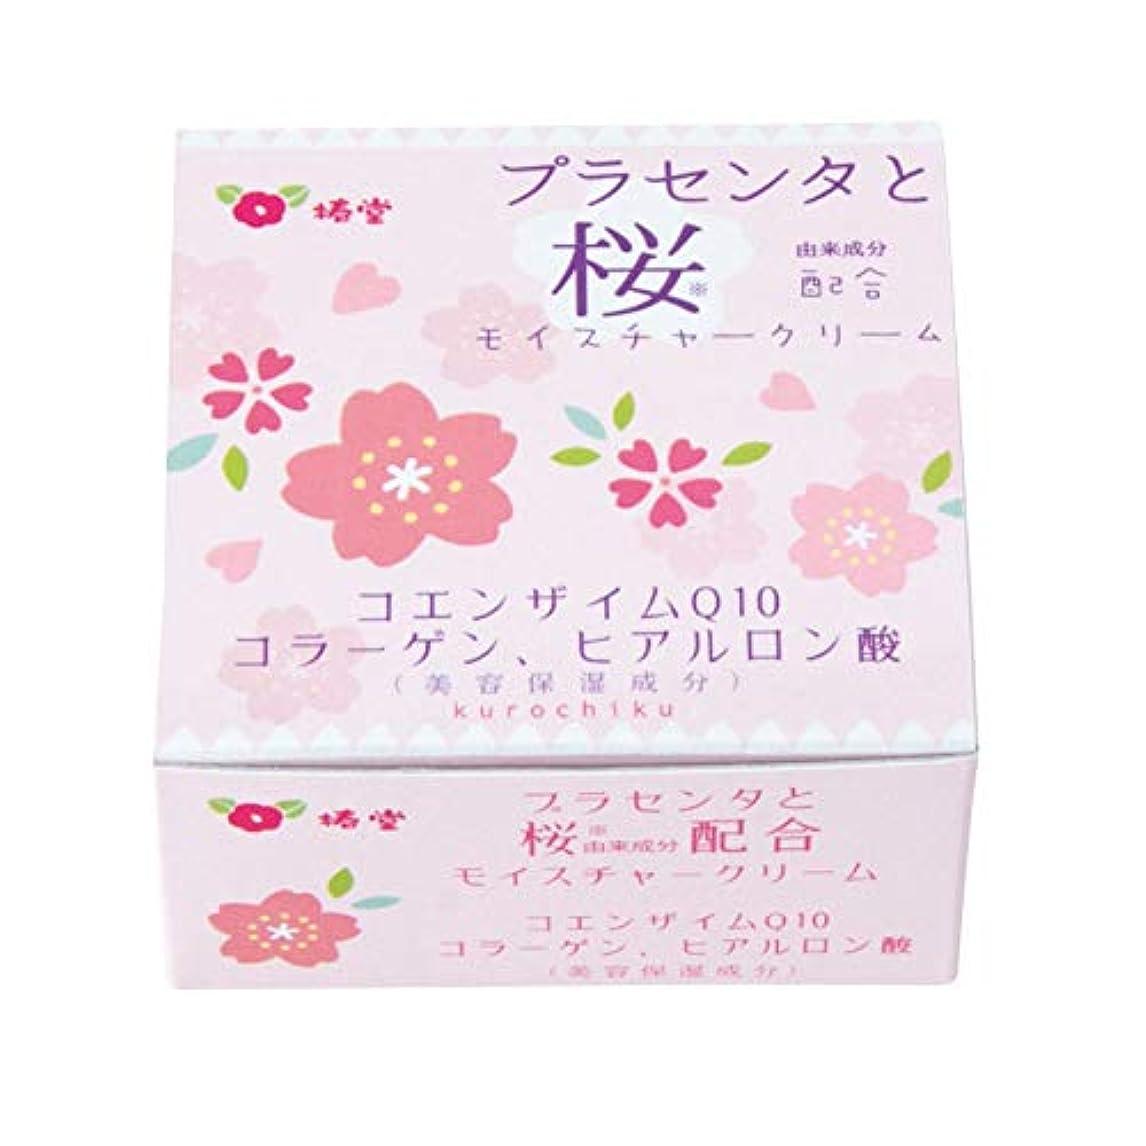 サービス葡萄抱擁椿堂 桜モイスチャークリーム (プラセンタと桜) 京都くろちく